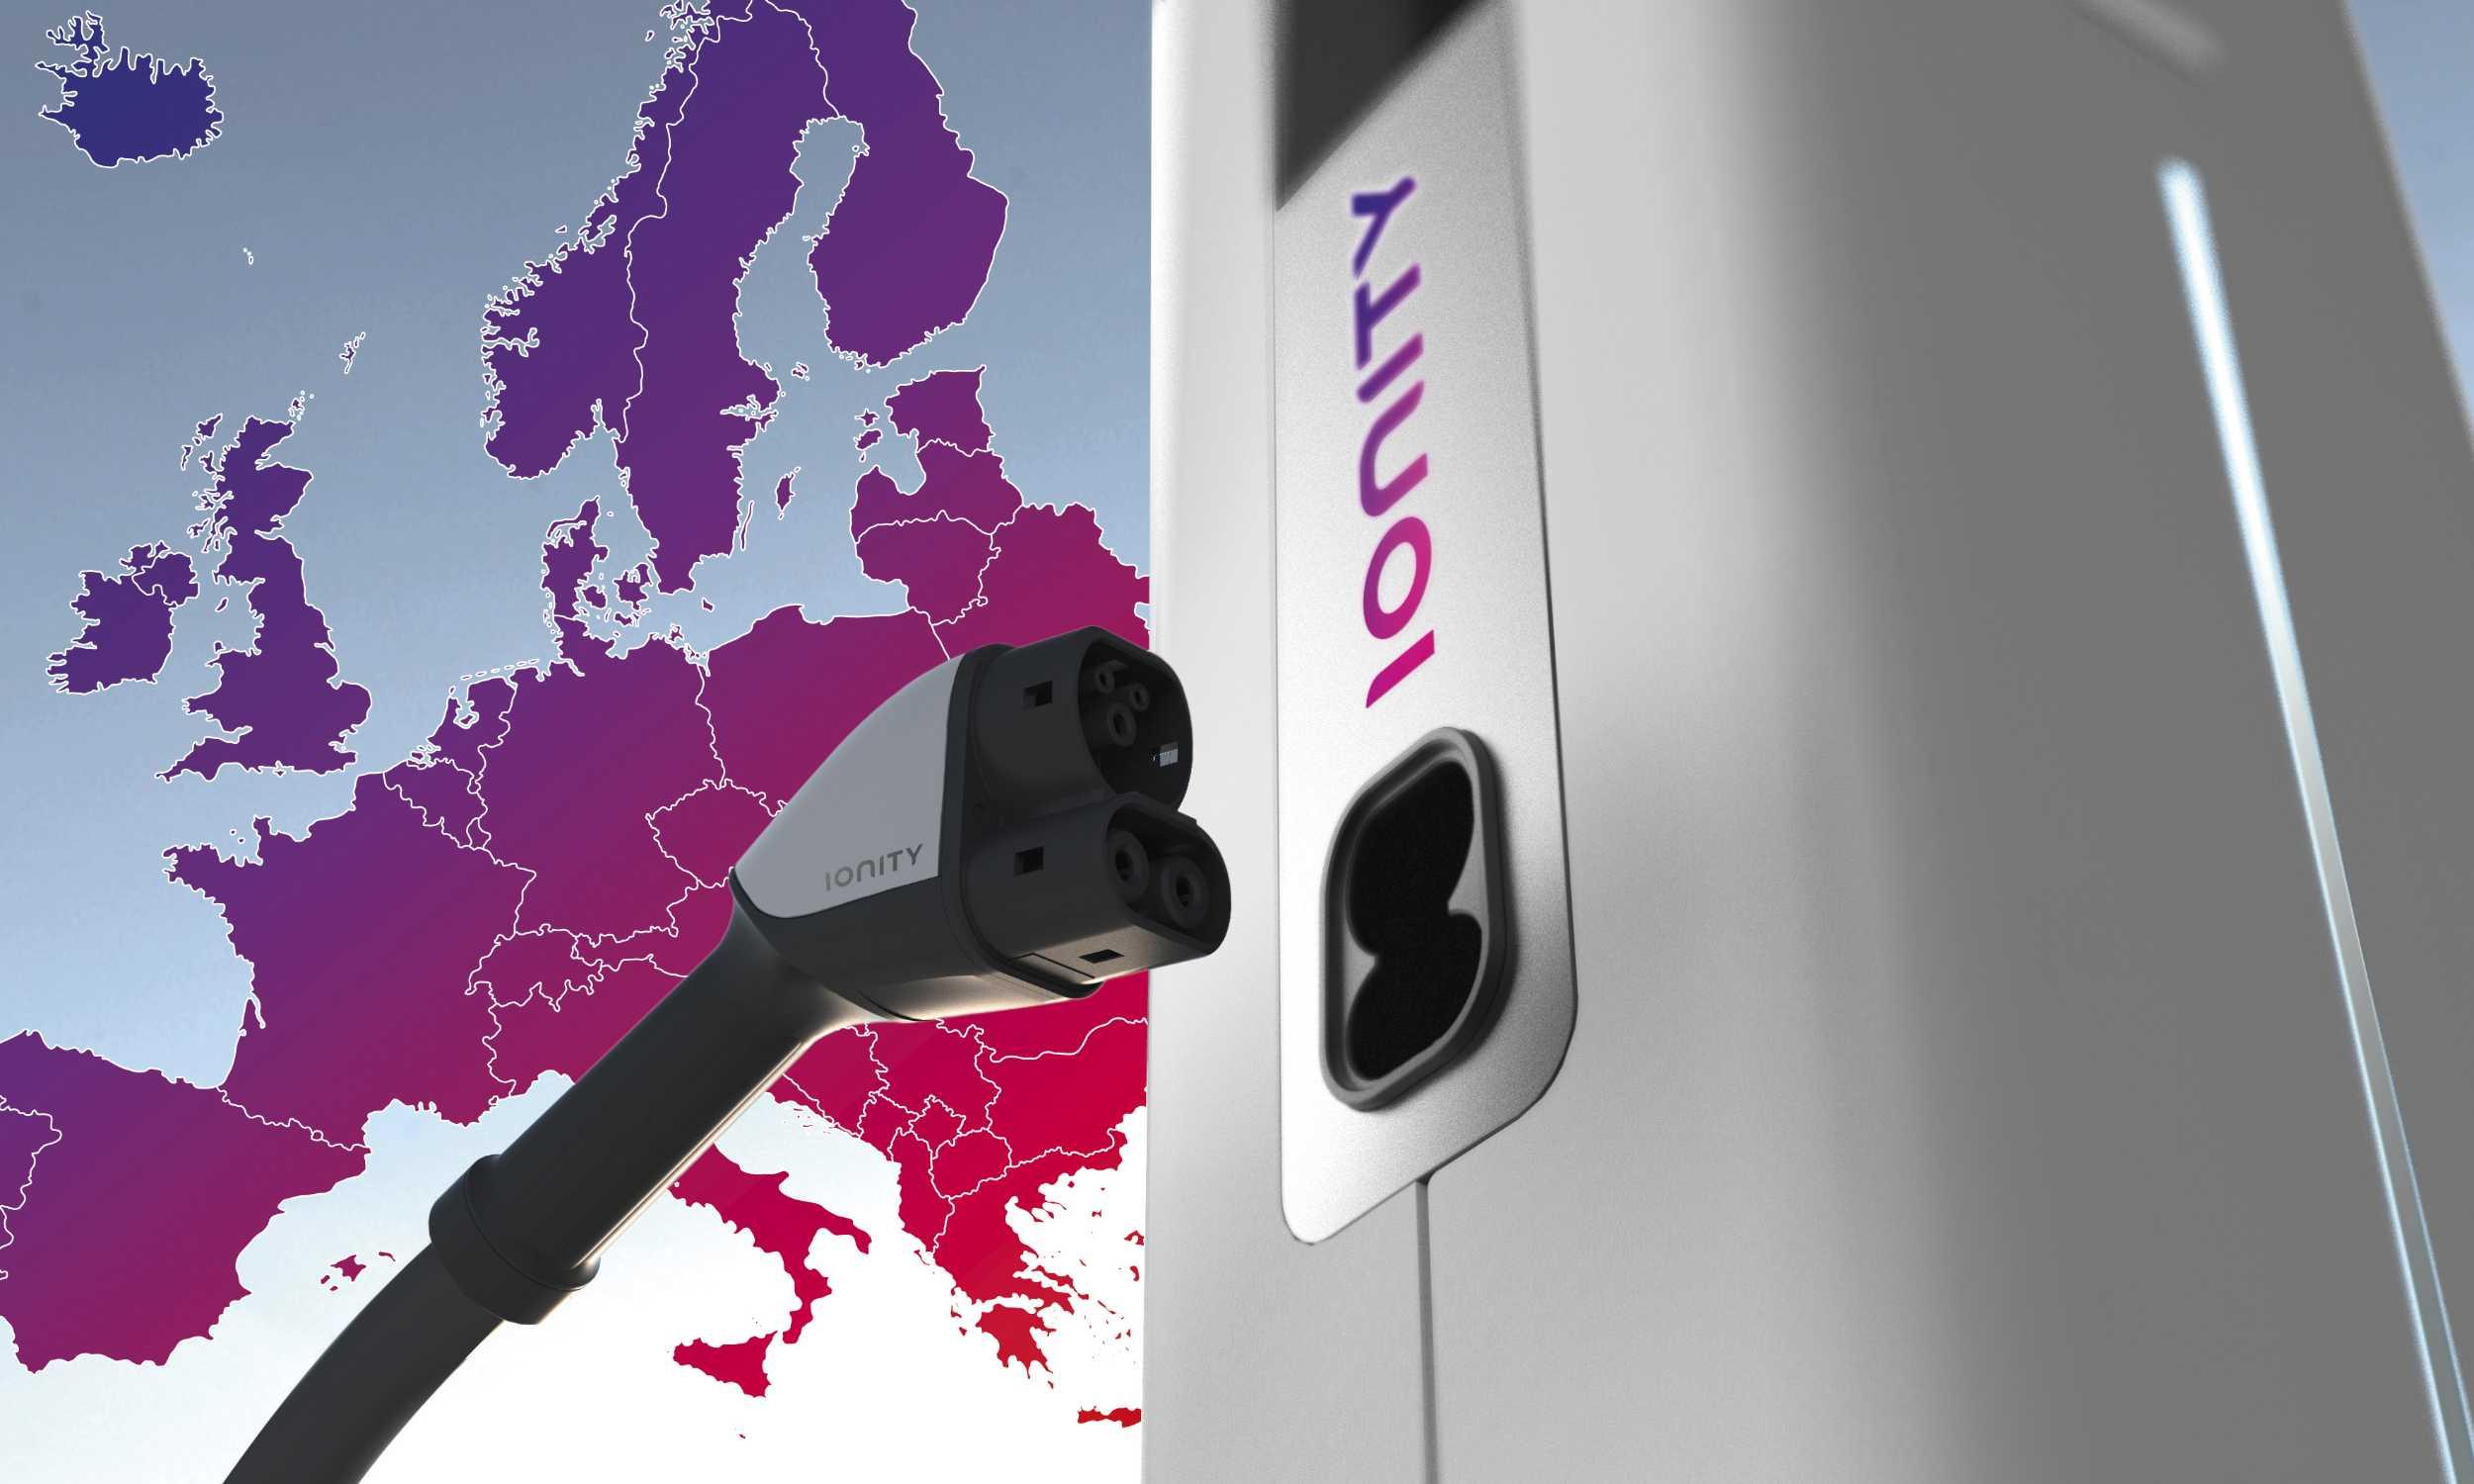 BMW, Daimler, VW und Ford arbeiten beim Ladenetz Ionity für E-Autos ...